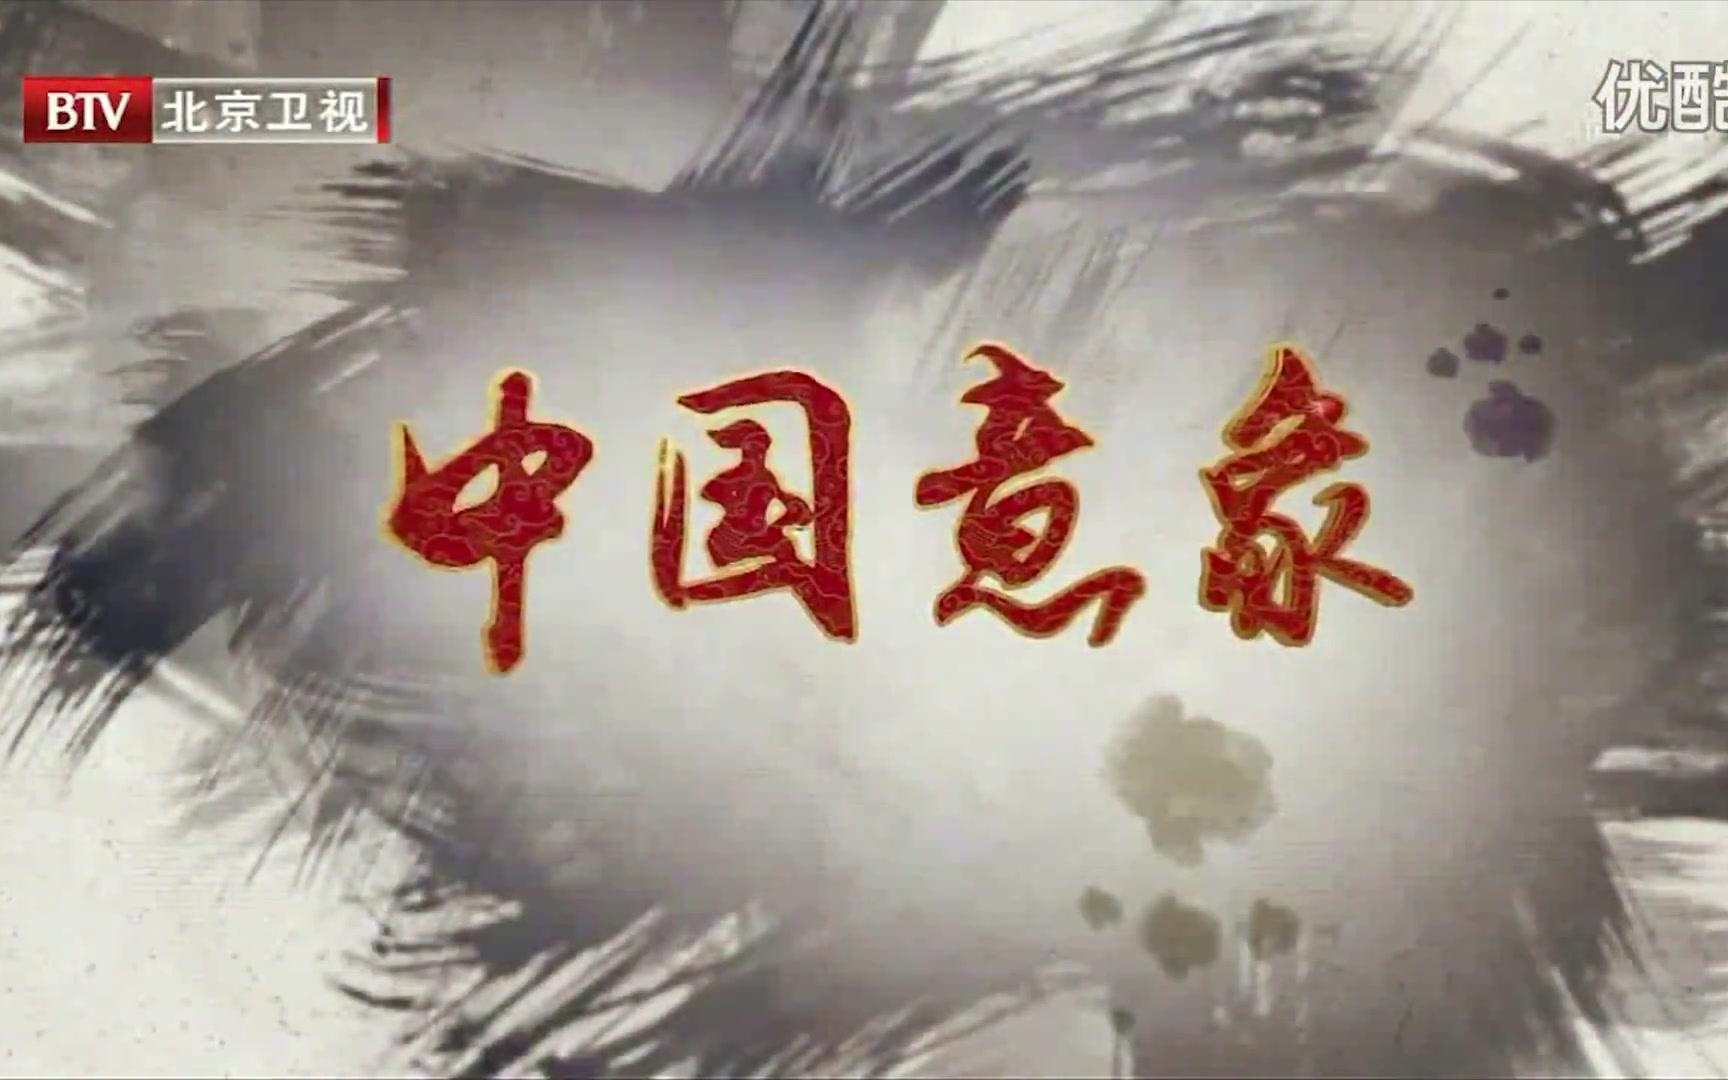 【超清】【书简,采薇,玉人,执羽】传承者之中国意象-《大美中国》